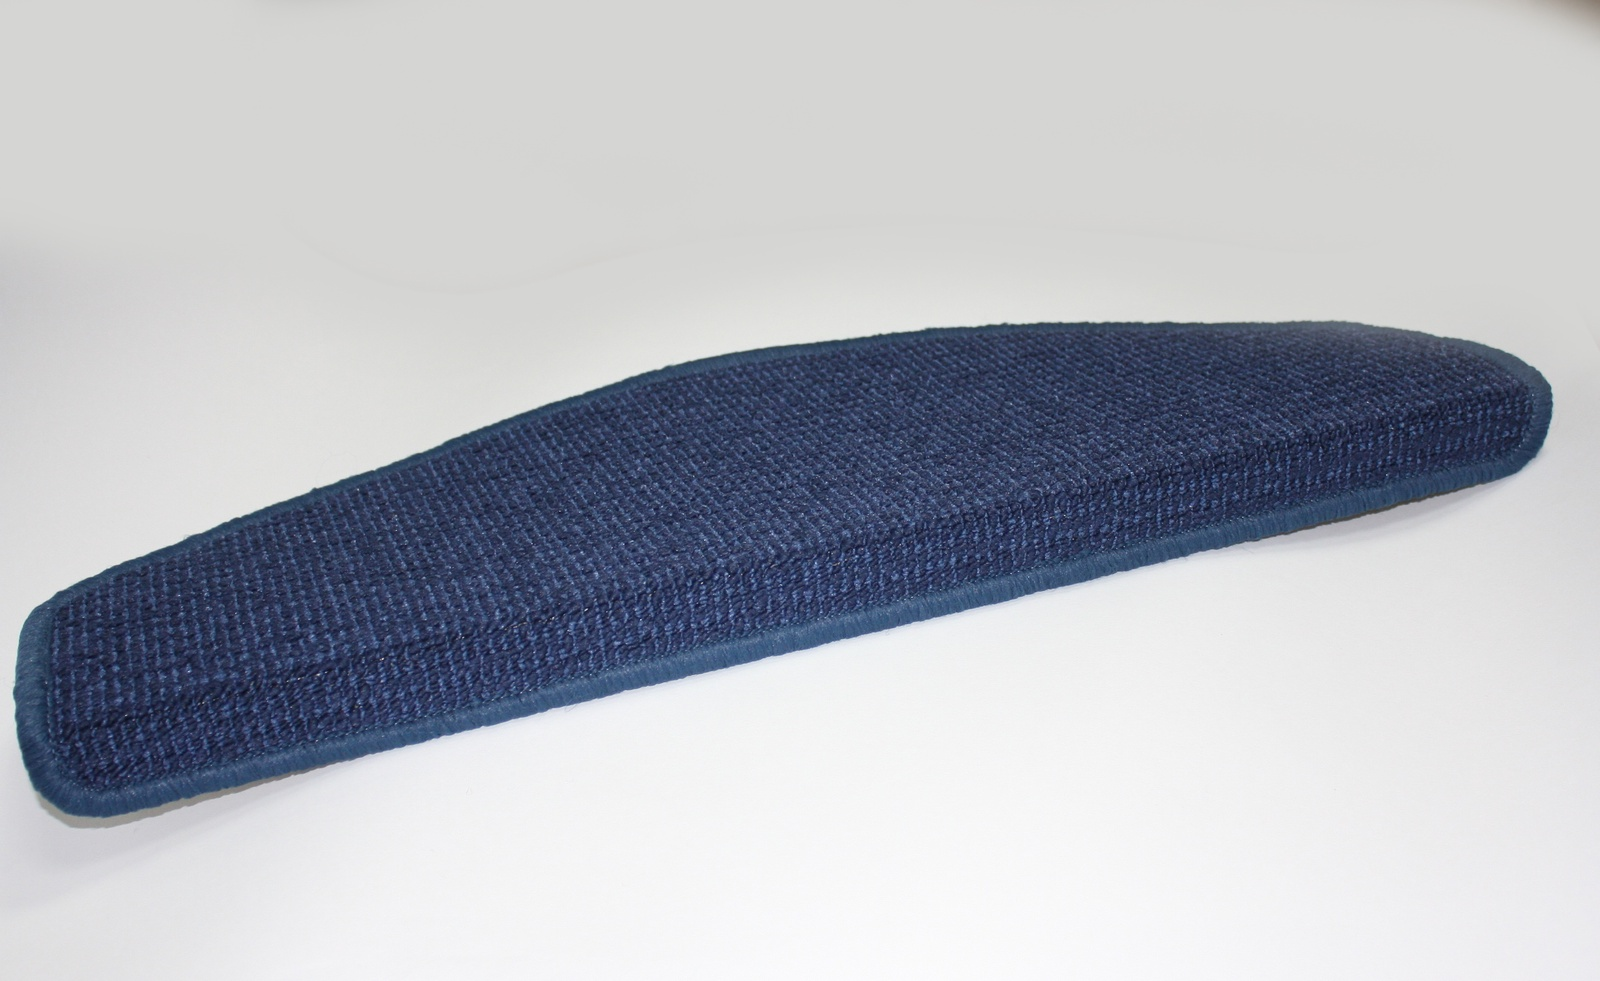 Защитный коврик Велий Каранза 90, синий защитный коврик велий хеопс 22 зеленый